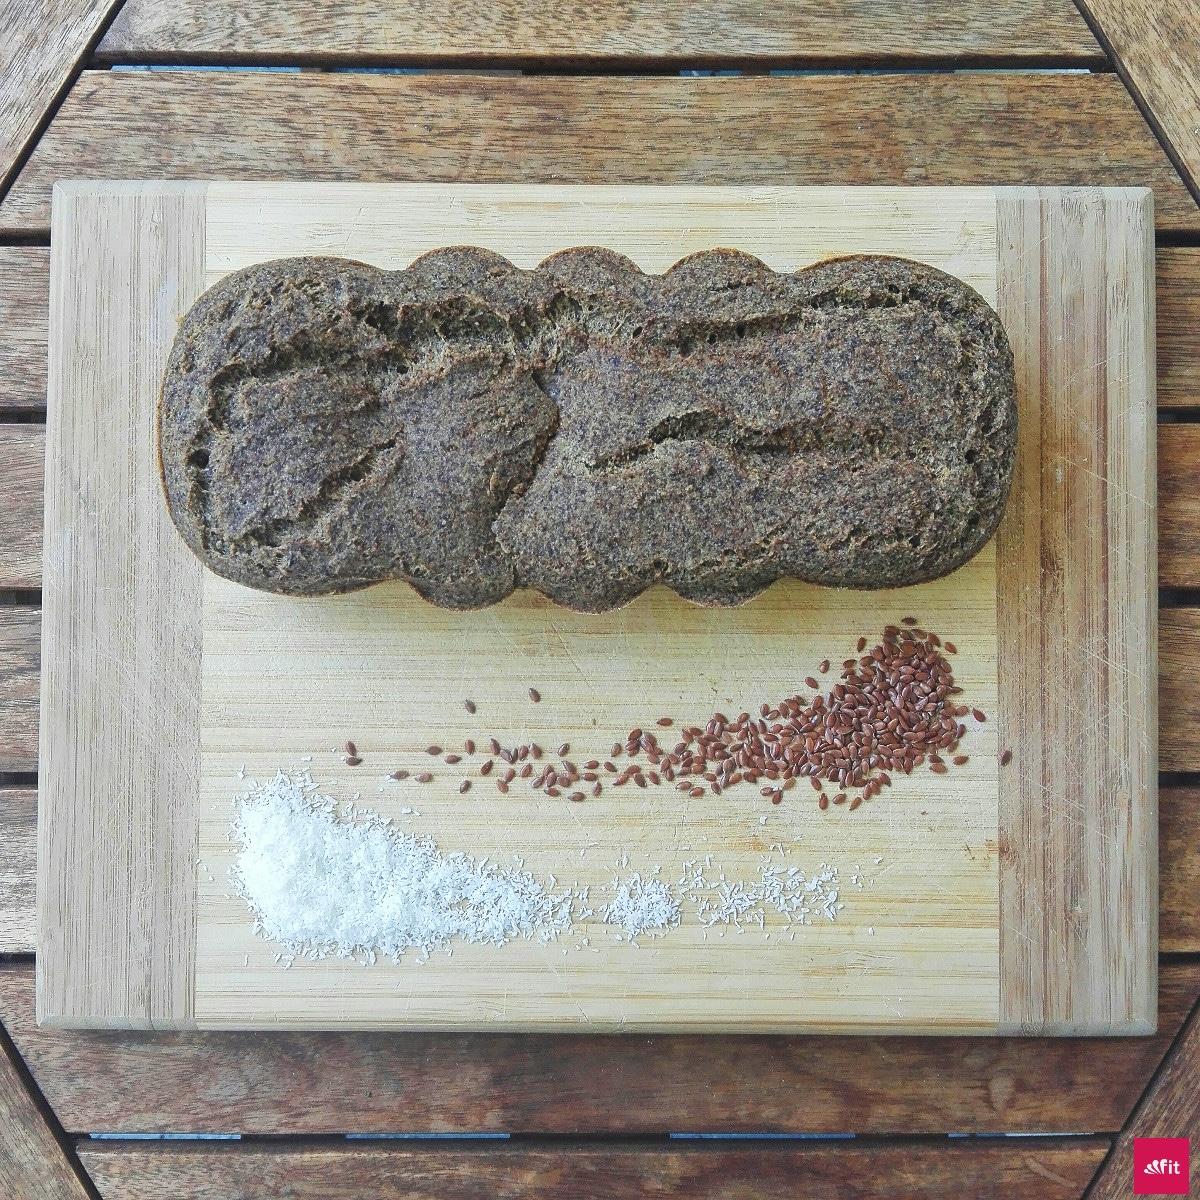 Ketogenes Brotganz einfach selber machen. In den meistenBrotensind Unmengen an Zucker, Kohlenhydrate und Weizen enthalten. Vielleicht hast du selbst eineGlutenunverträglichkeit- dann ist diesesketogene undglutunfreie#Brot #Rezeptfür dich genau richtig. #keto #ketogen #glutenfrei